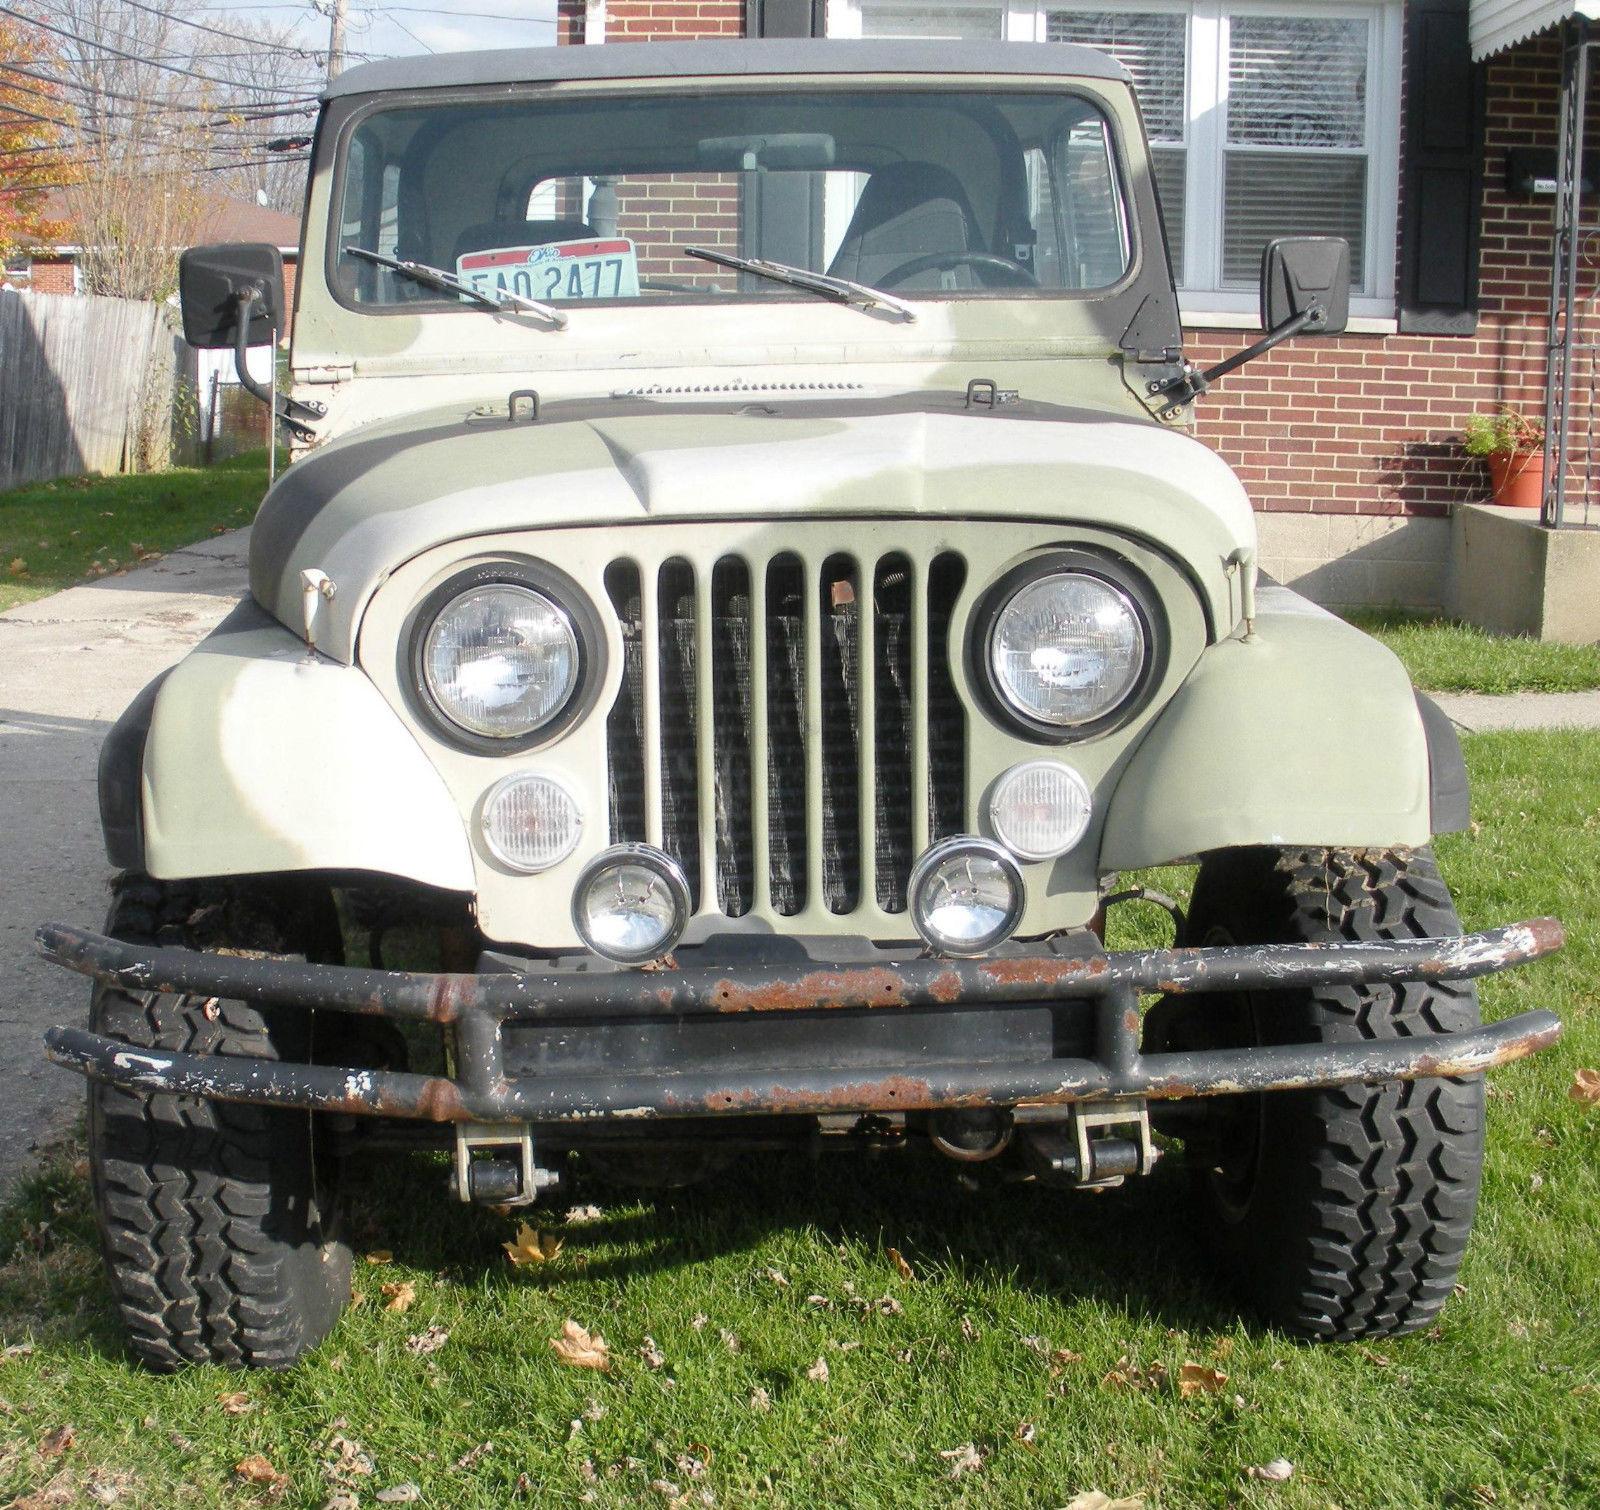 1985 Jeep Cj7 4x4 With 1995 Jeep Yj Body Tub Classic